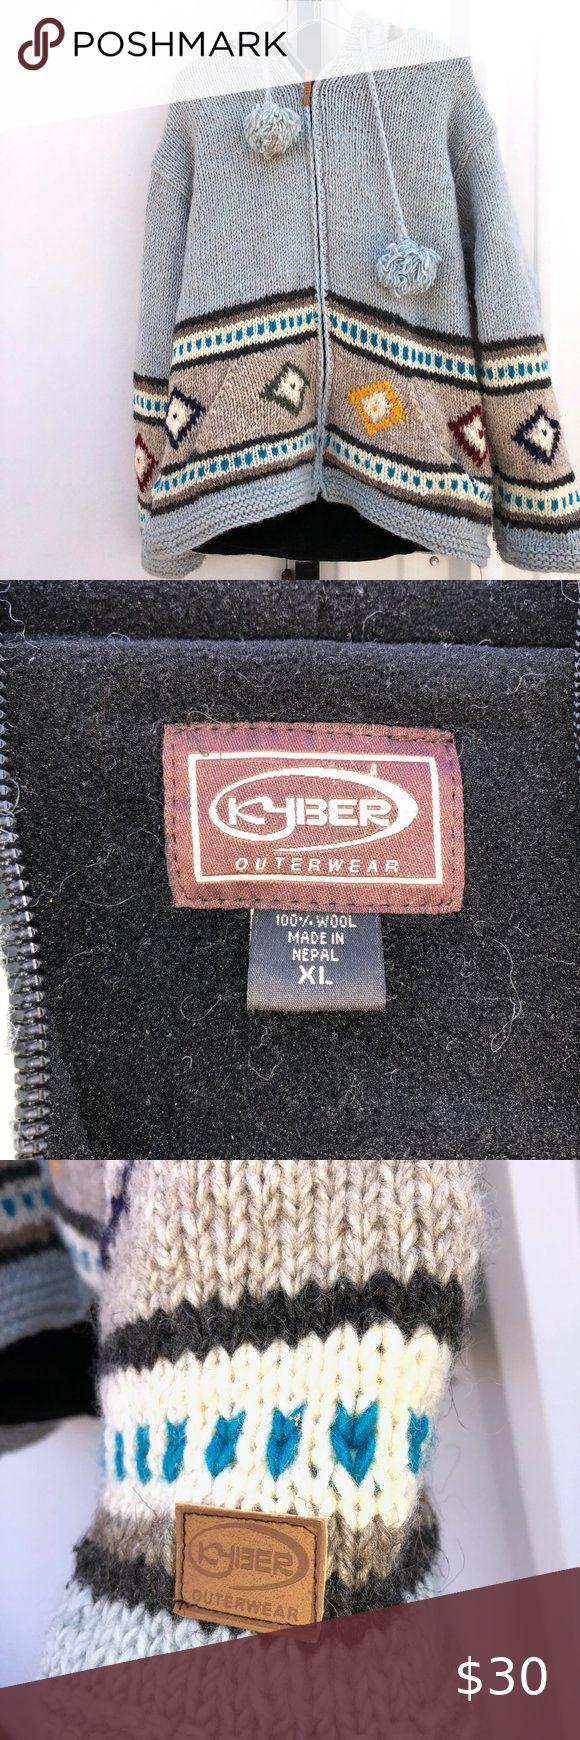 Kyber Outerwear Wool Hooded Sweater Jacket Sweater Jacket Hooded Sweater Sweaters [ 1740 x 580 Pixel ]